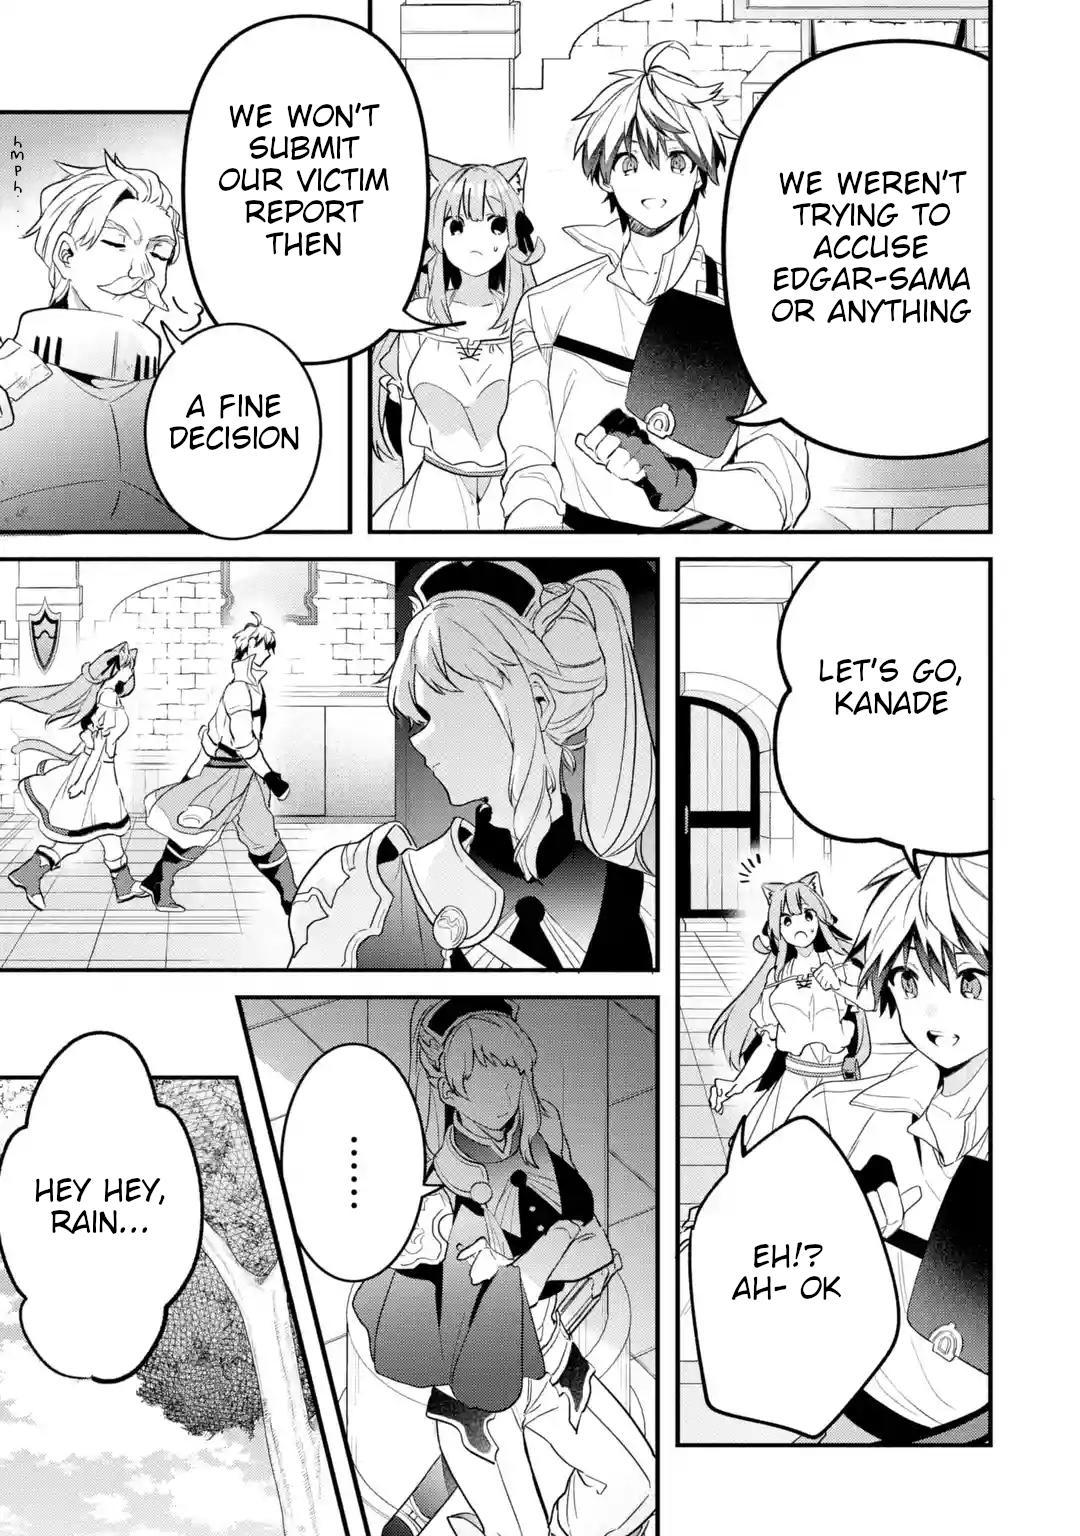 Yuusha Party Wo Tsuihou Sareta Beast Tamer, Saikyou Shuzoku Nekomimi Shojo To Deau Chapter 48: The Knights page 10 - Mangakakalots.com